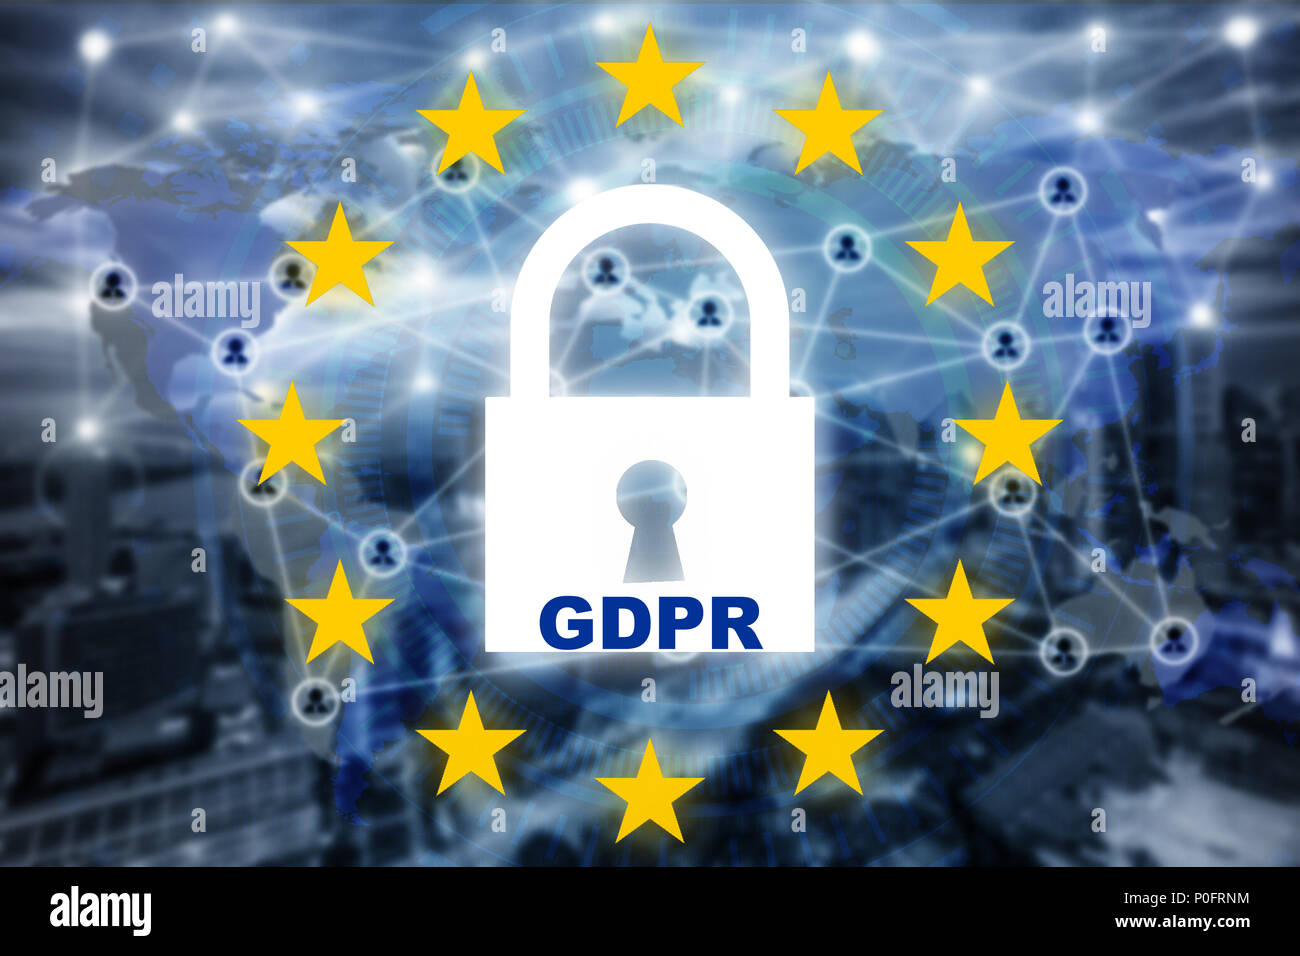 Protezione dei dati il concetto di privacy. Il PILR. Ue. Cyber security network. Icona a forma di lucchetto e tecnologia internet e connessione di rete sulla schermata virtuale. Immagini Stock